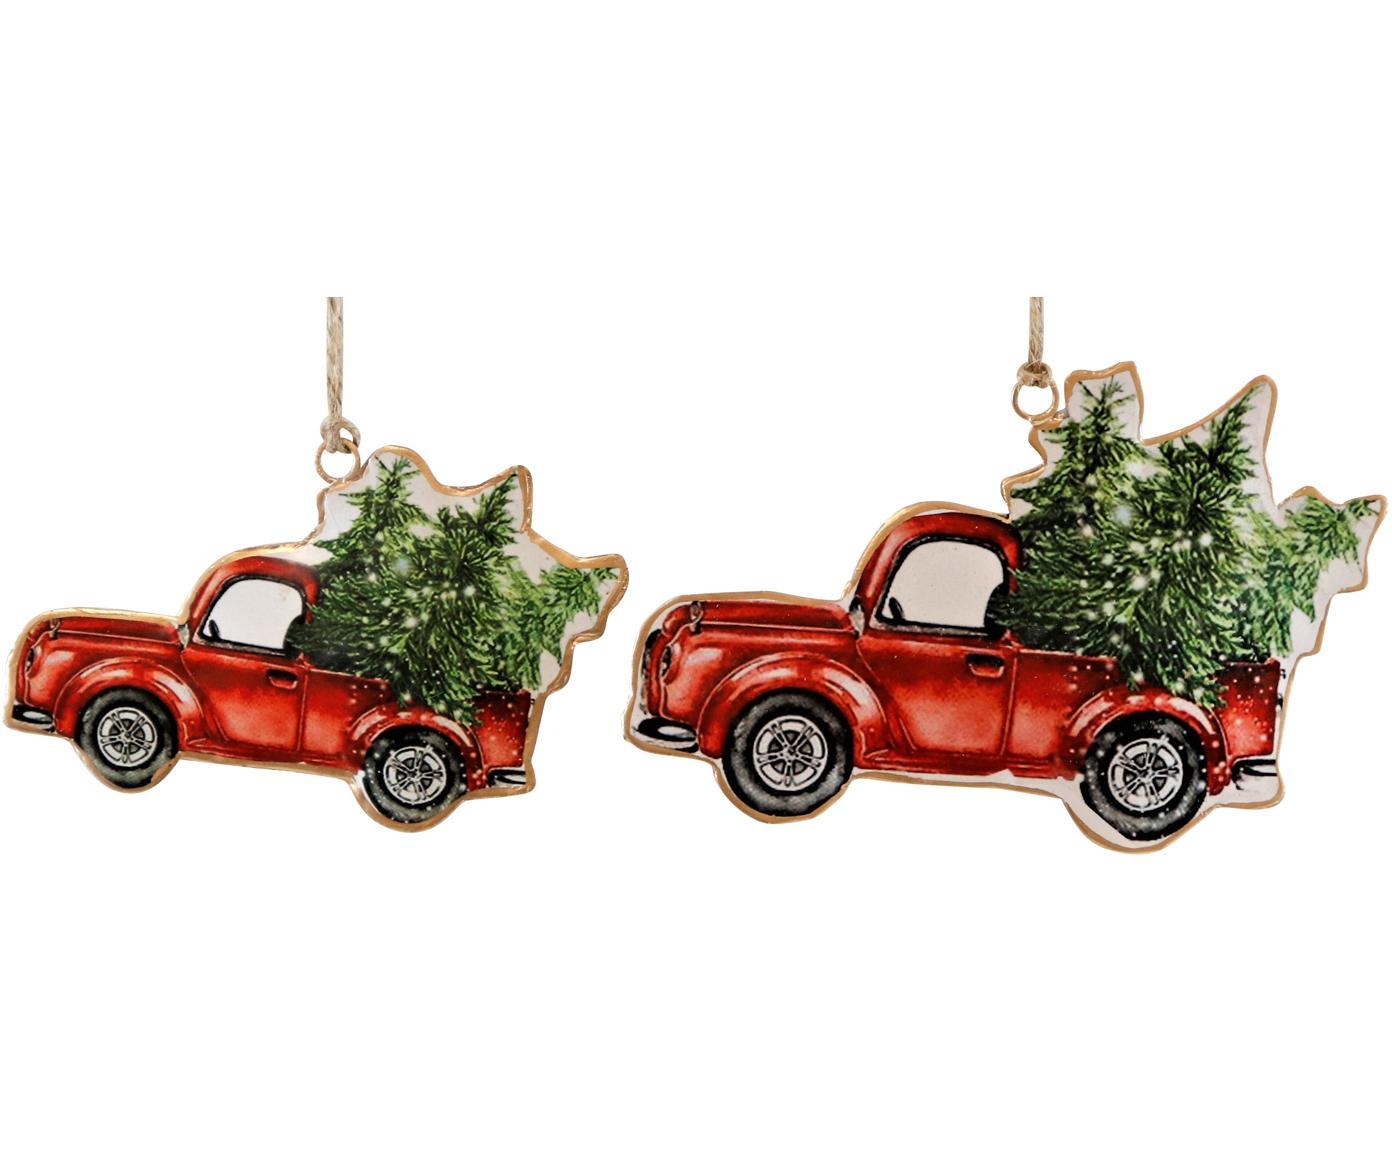 Baumanhänger-Set Cars, 2-tlg., Metall, Rot, Grün, Verschiedene Grössen